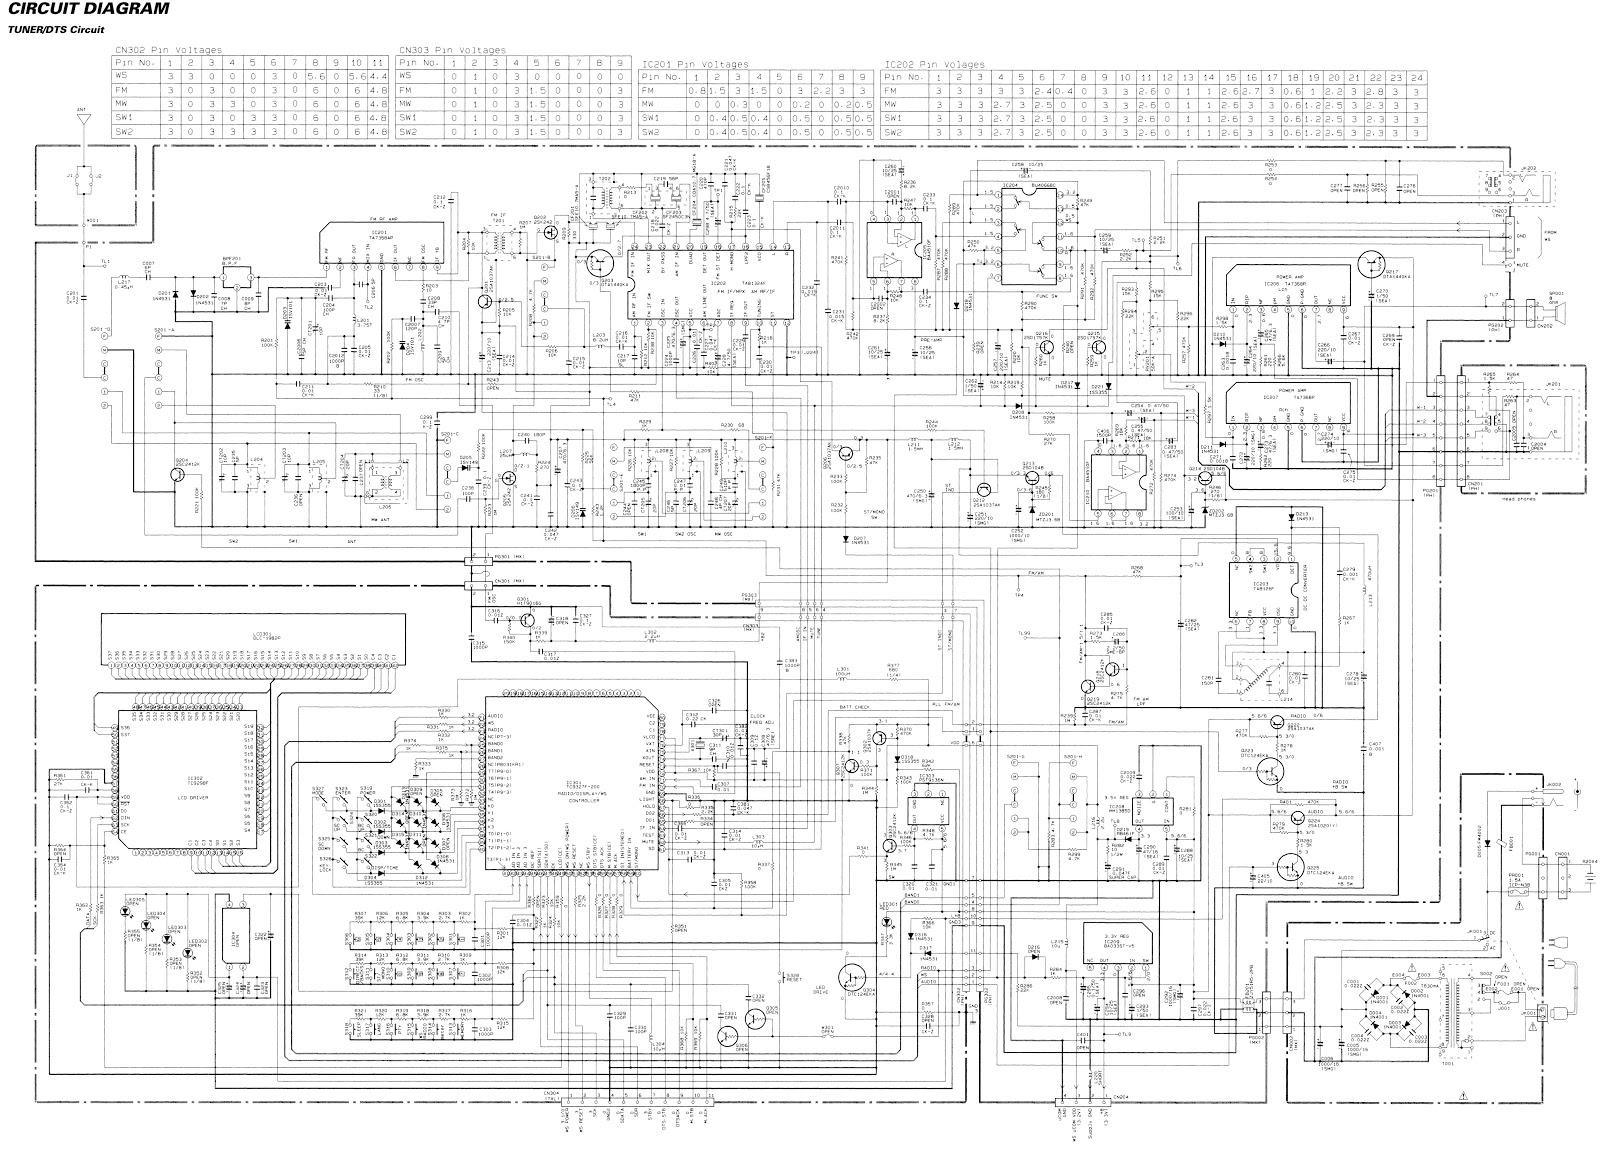 electro help  05  25  16